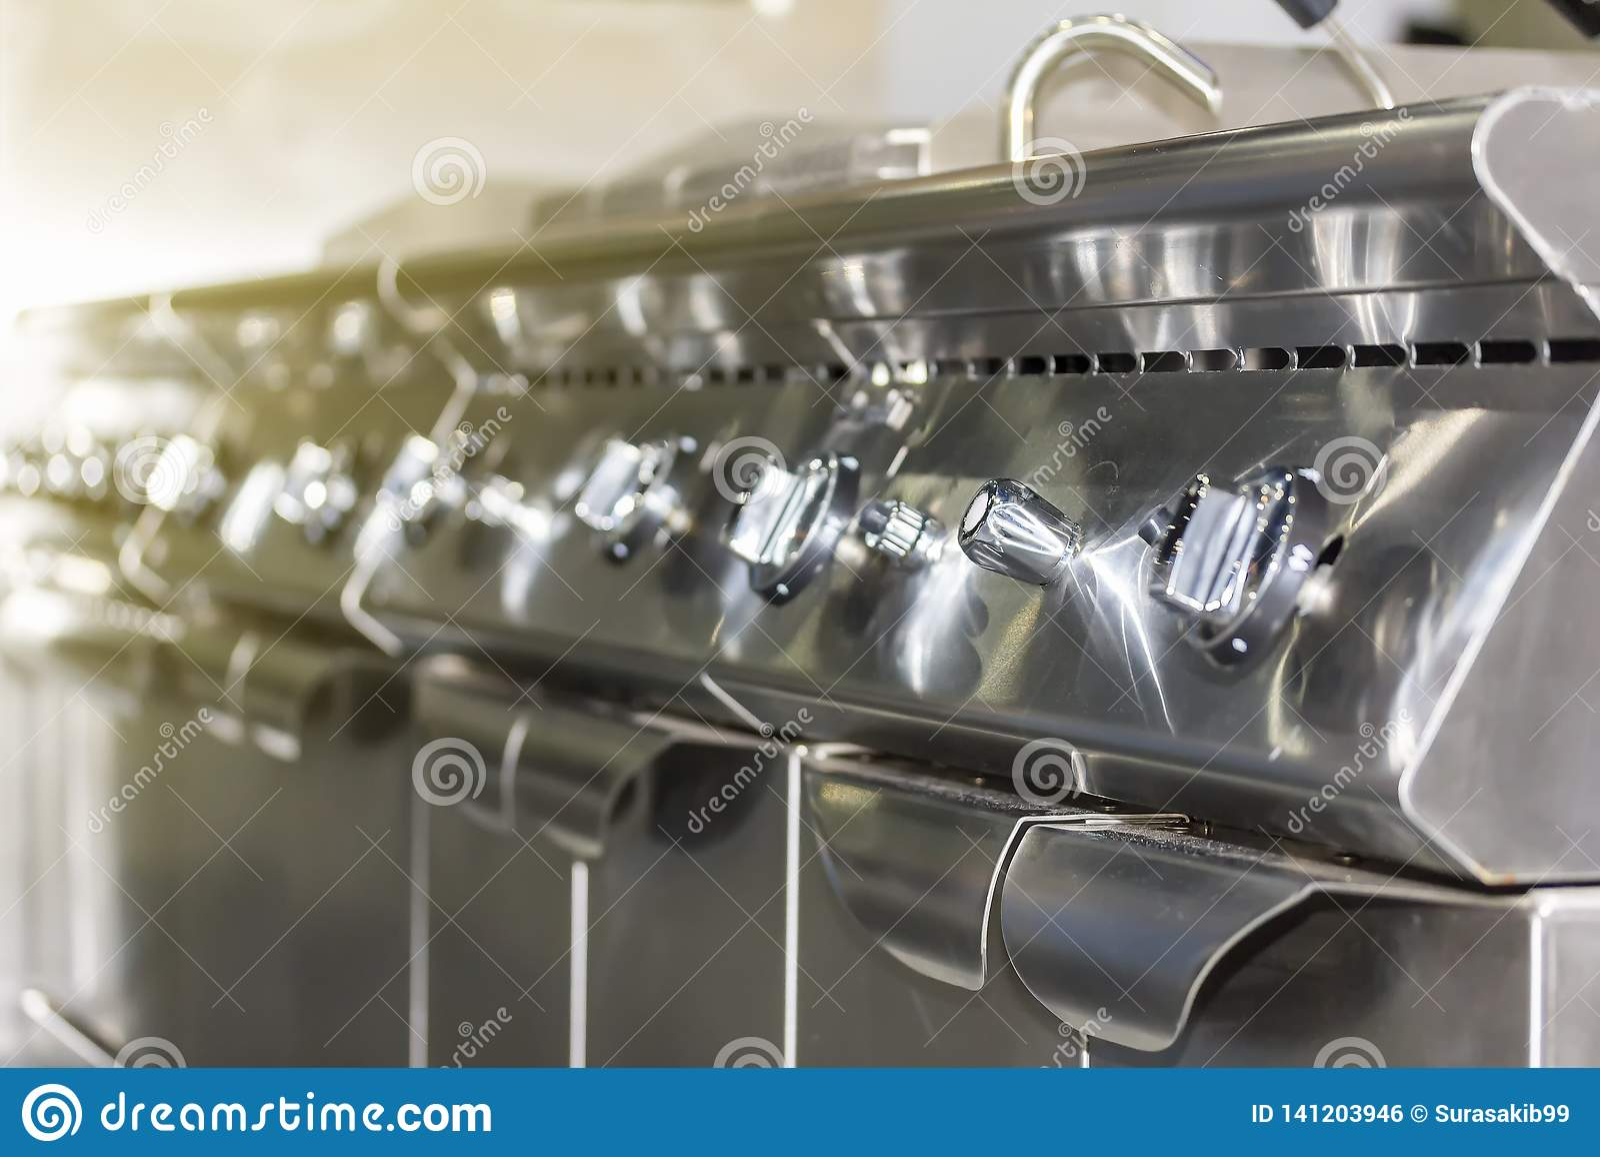 控制板现代气体深炸锅火炉接近的瘤拨号盘为在或调整烧伤火焰和温度